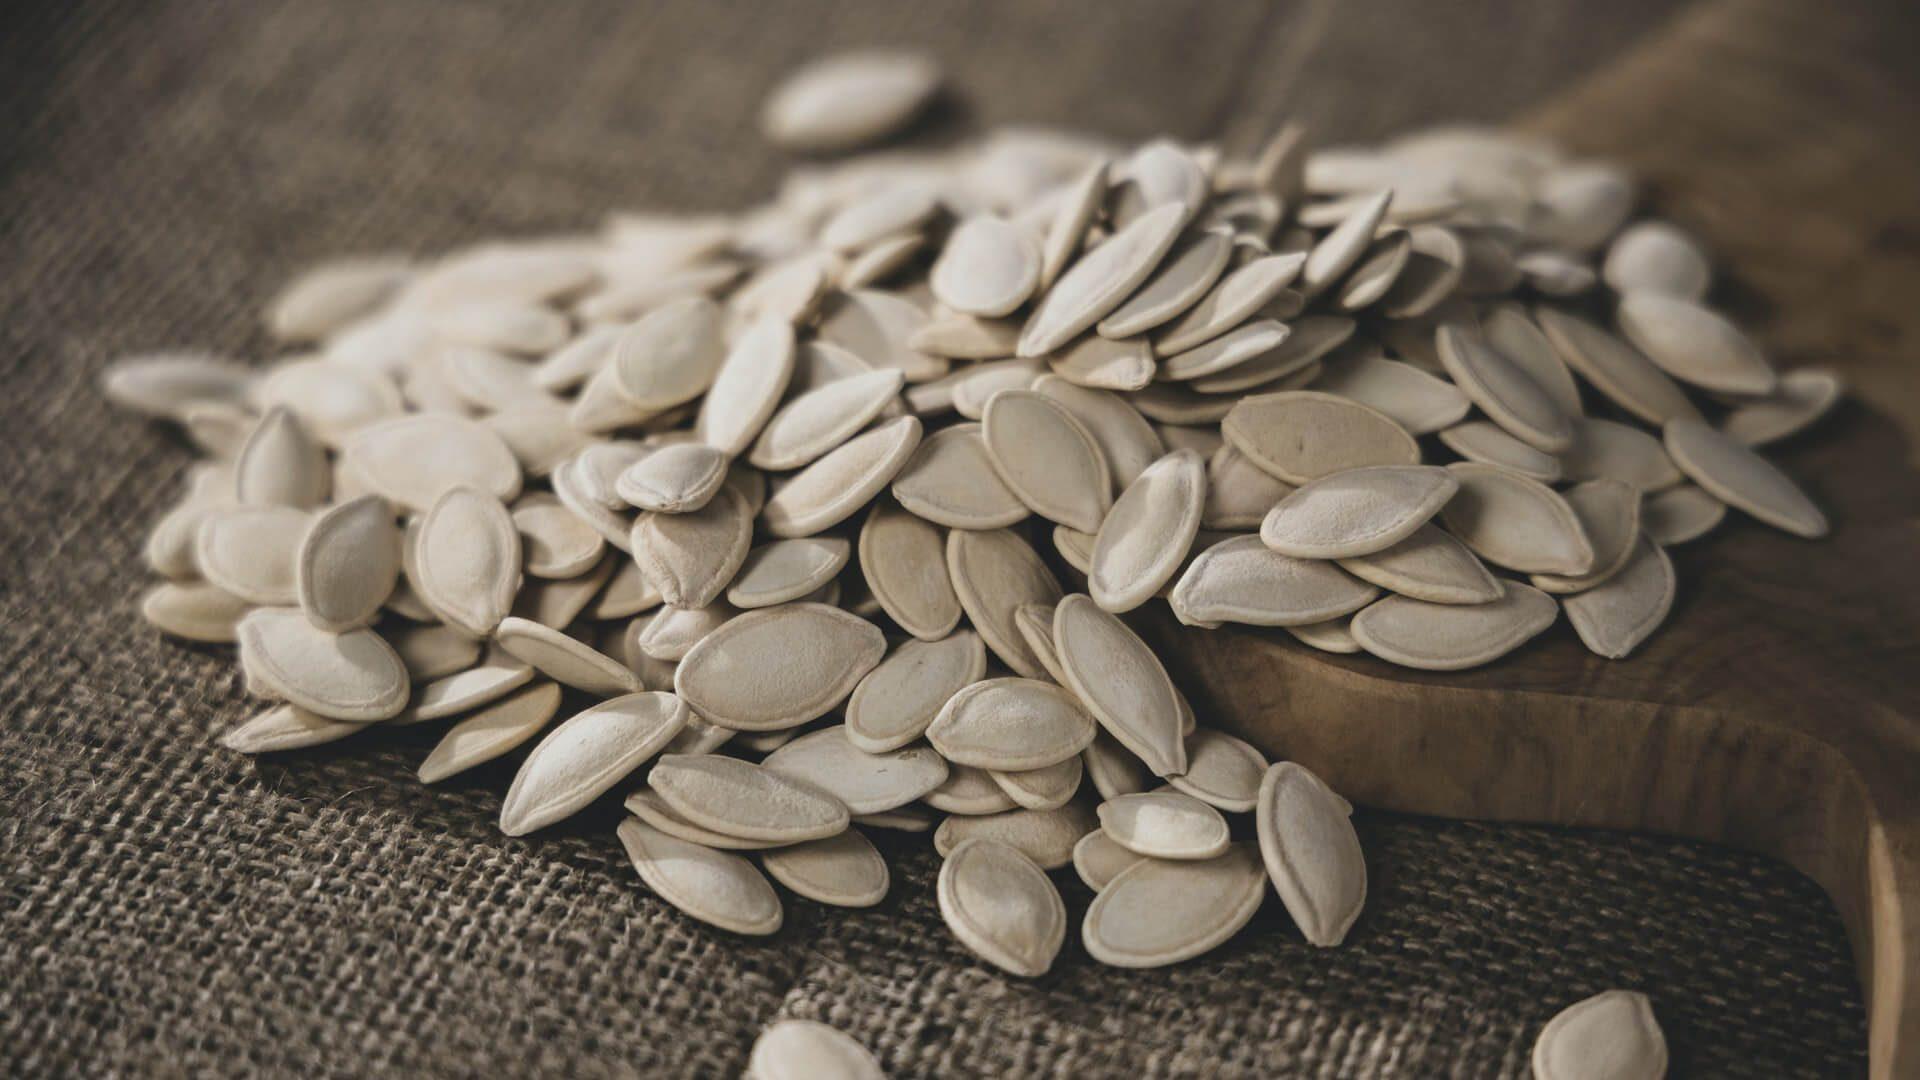 Alimentos que causam espinhas: semente de abóbora